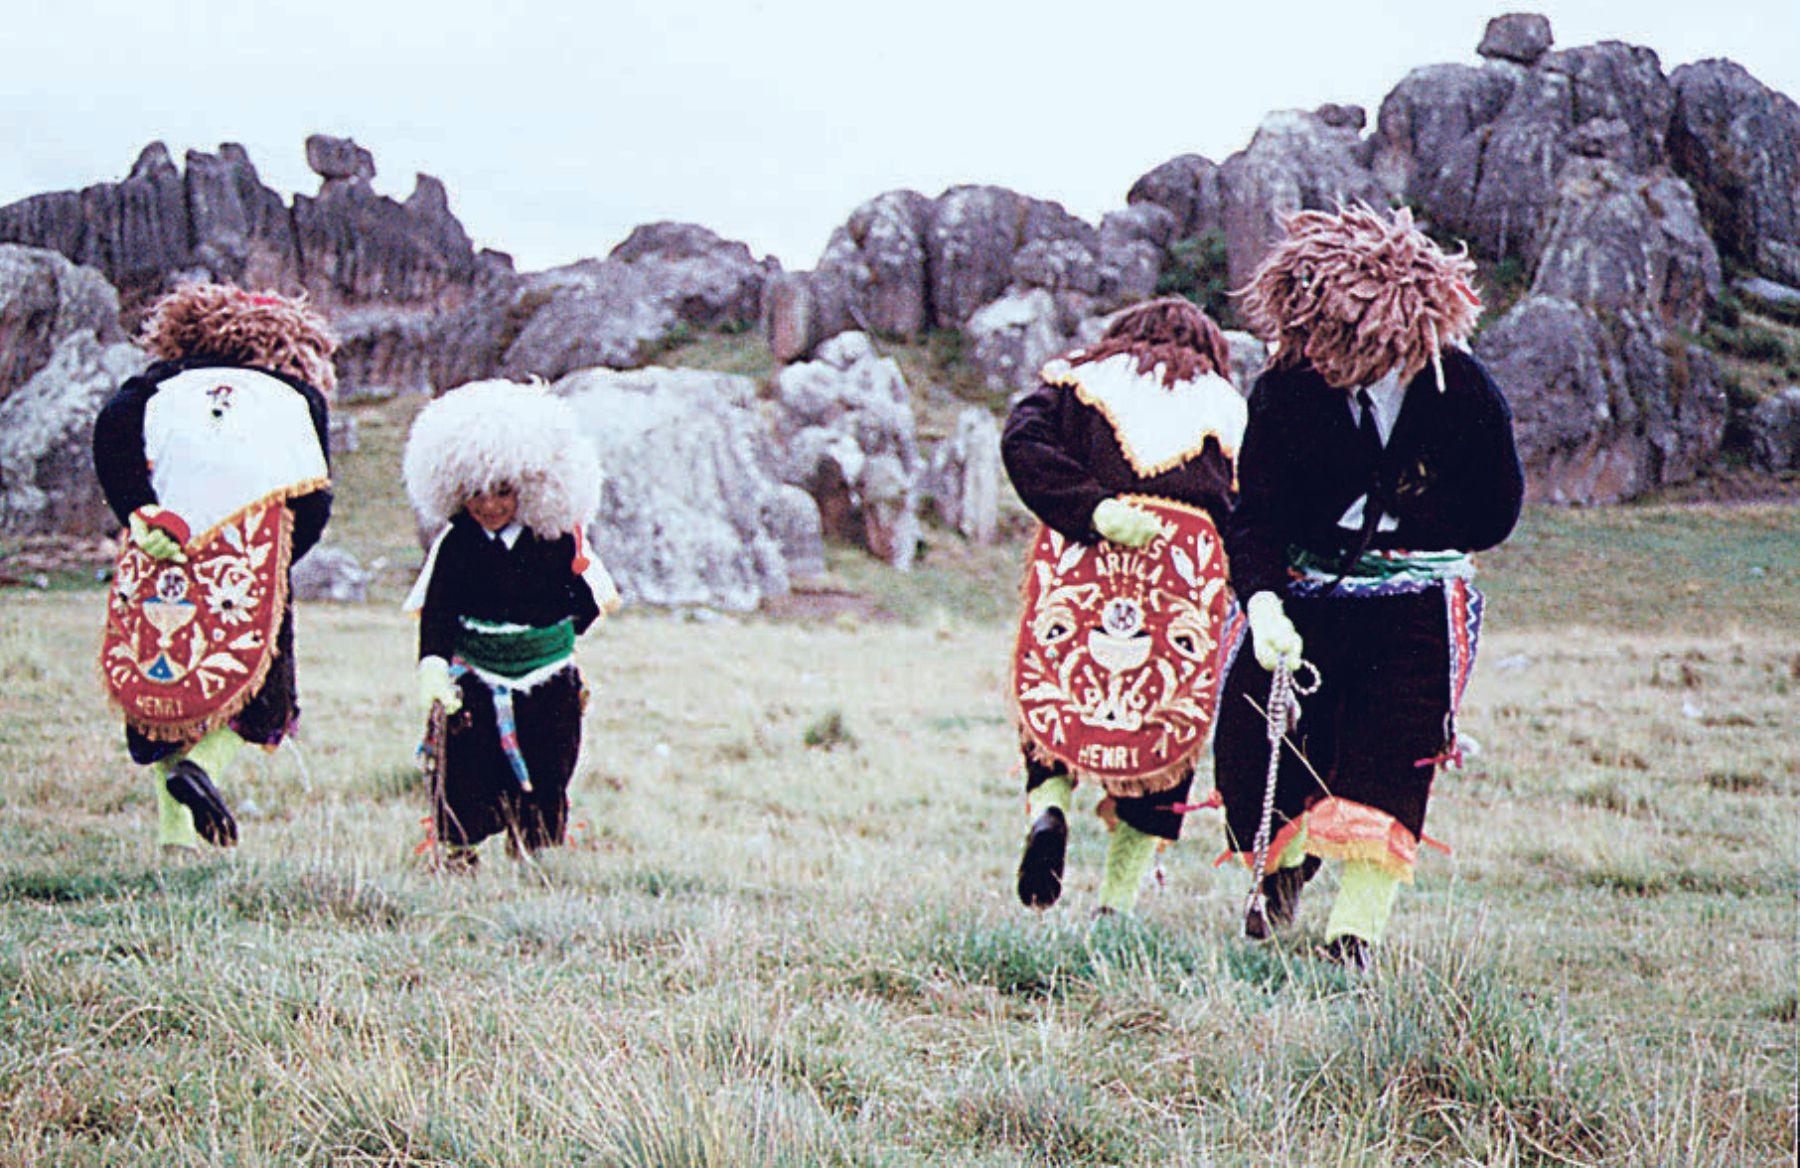 Los Negritos de Huayllay es una danza típica de ese distrito ubicado en Pasco y se baila en Navidad.